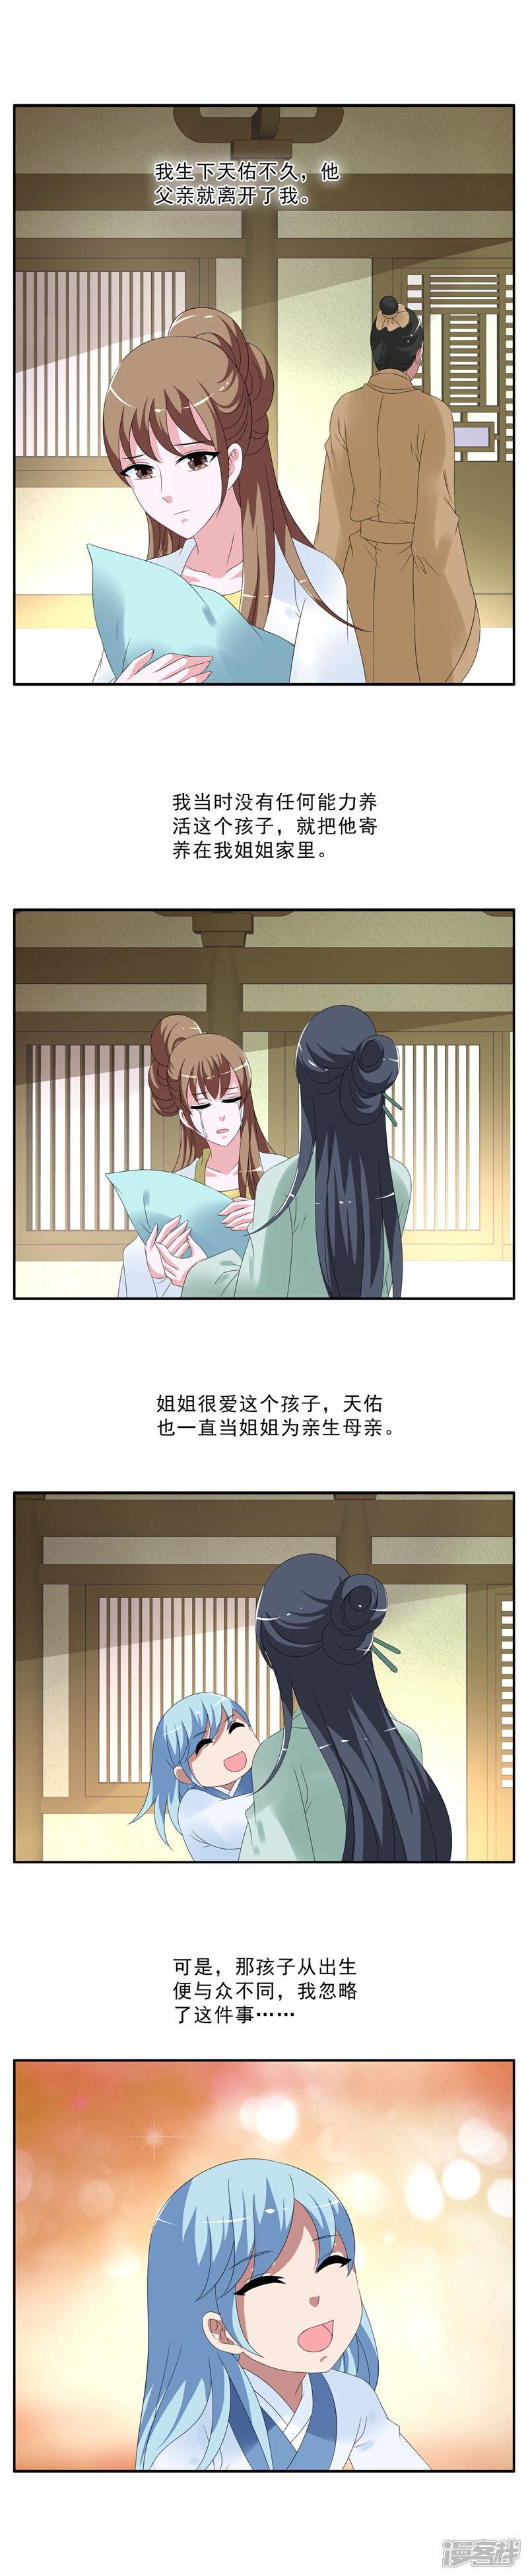 洛小妖147 (2).JPG